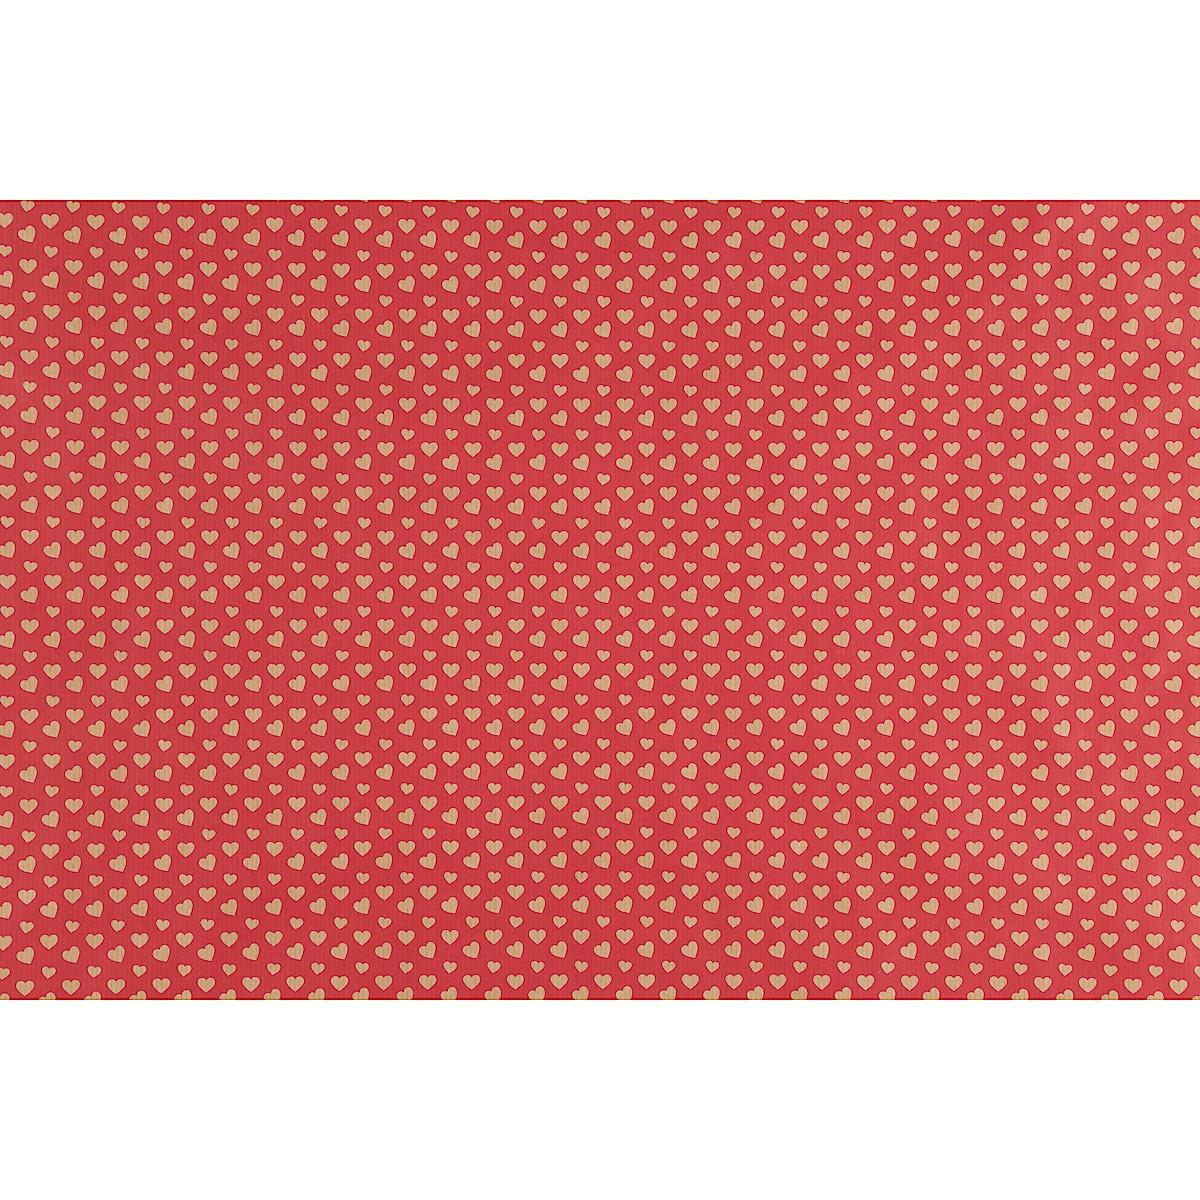 Julepapir kraft, 4 m x 70 cm